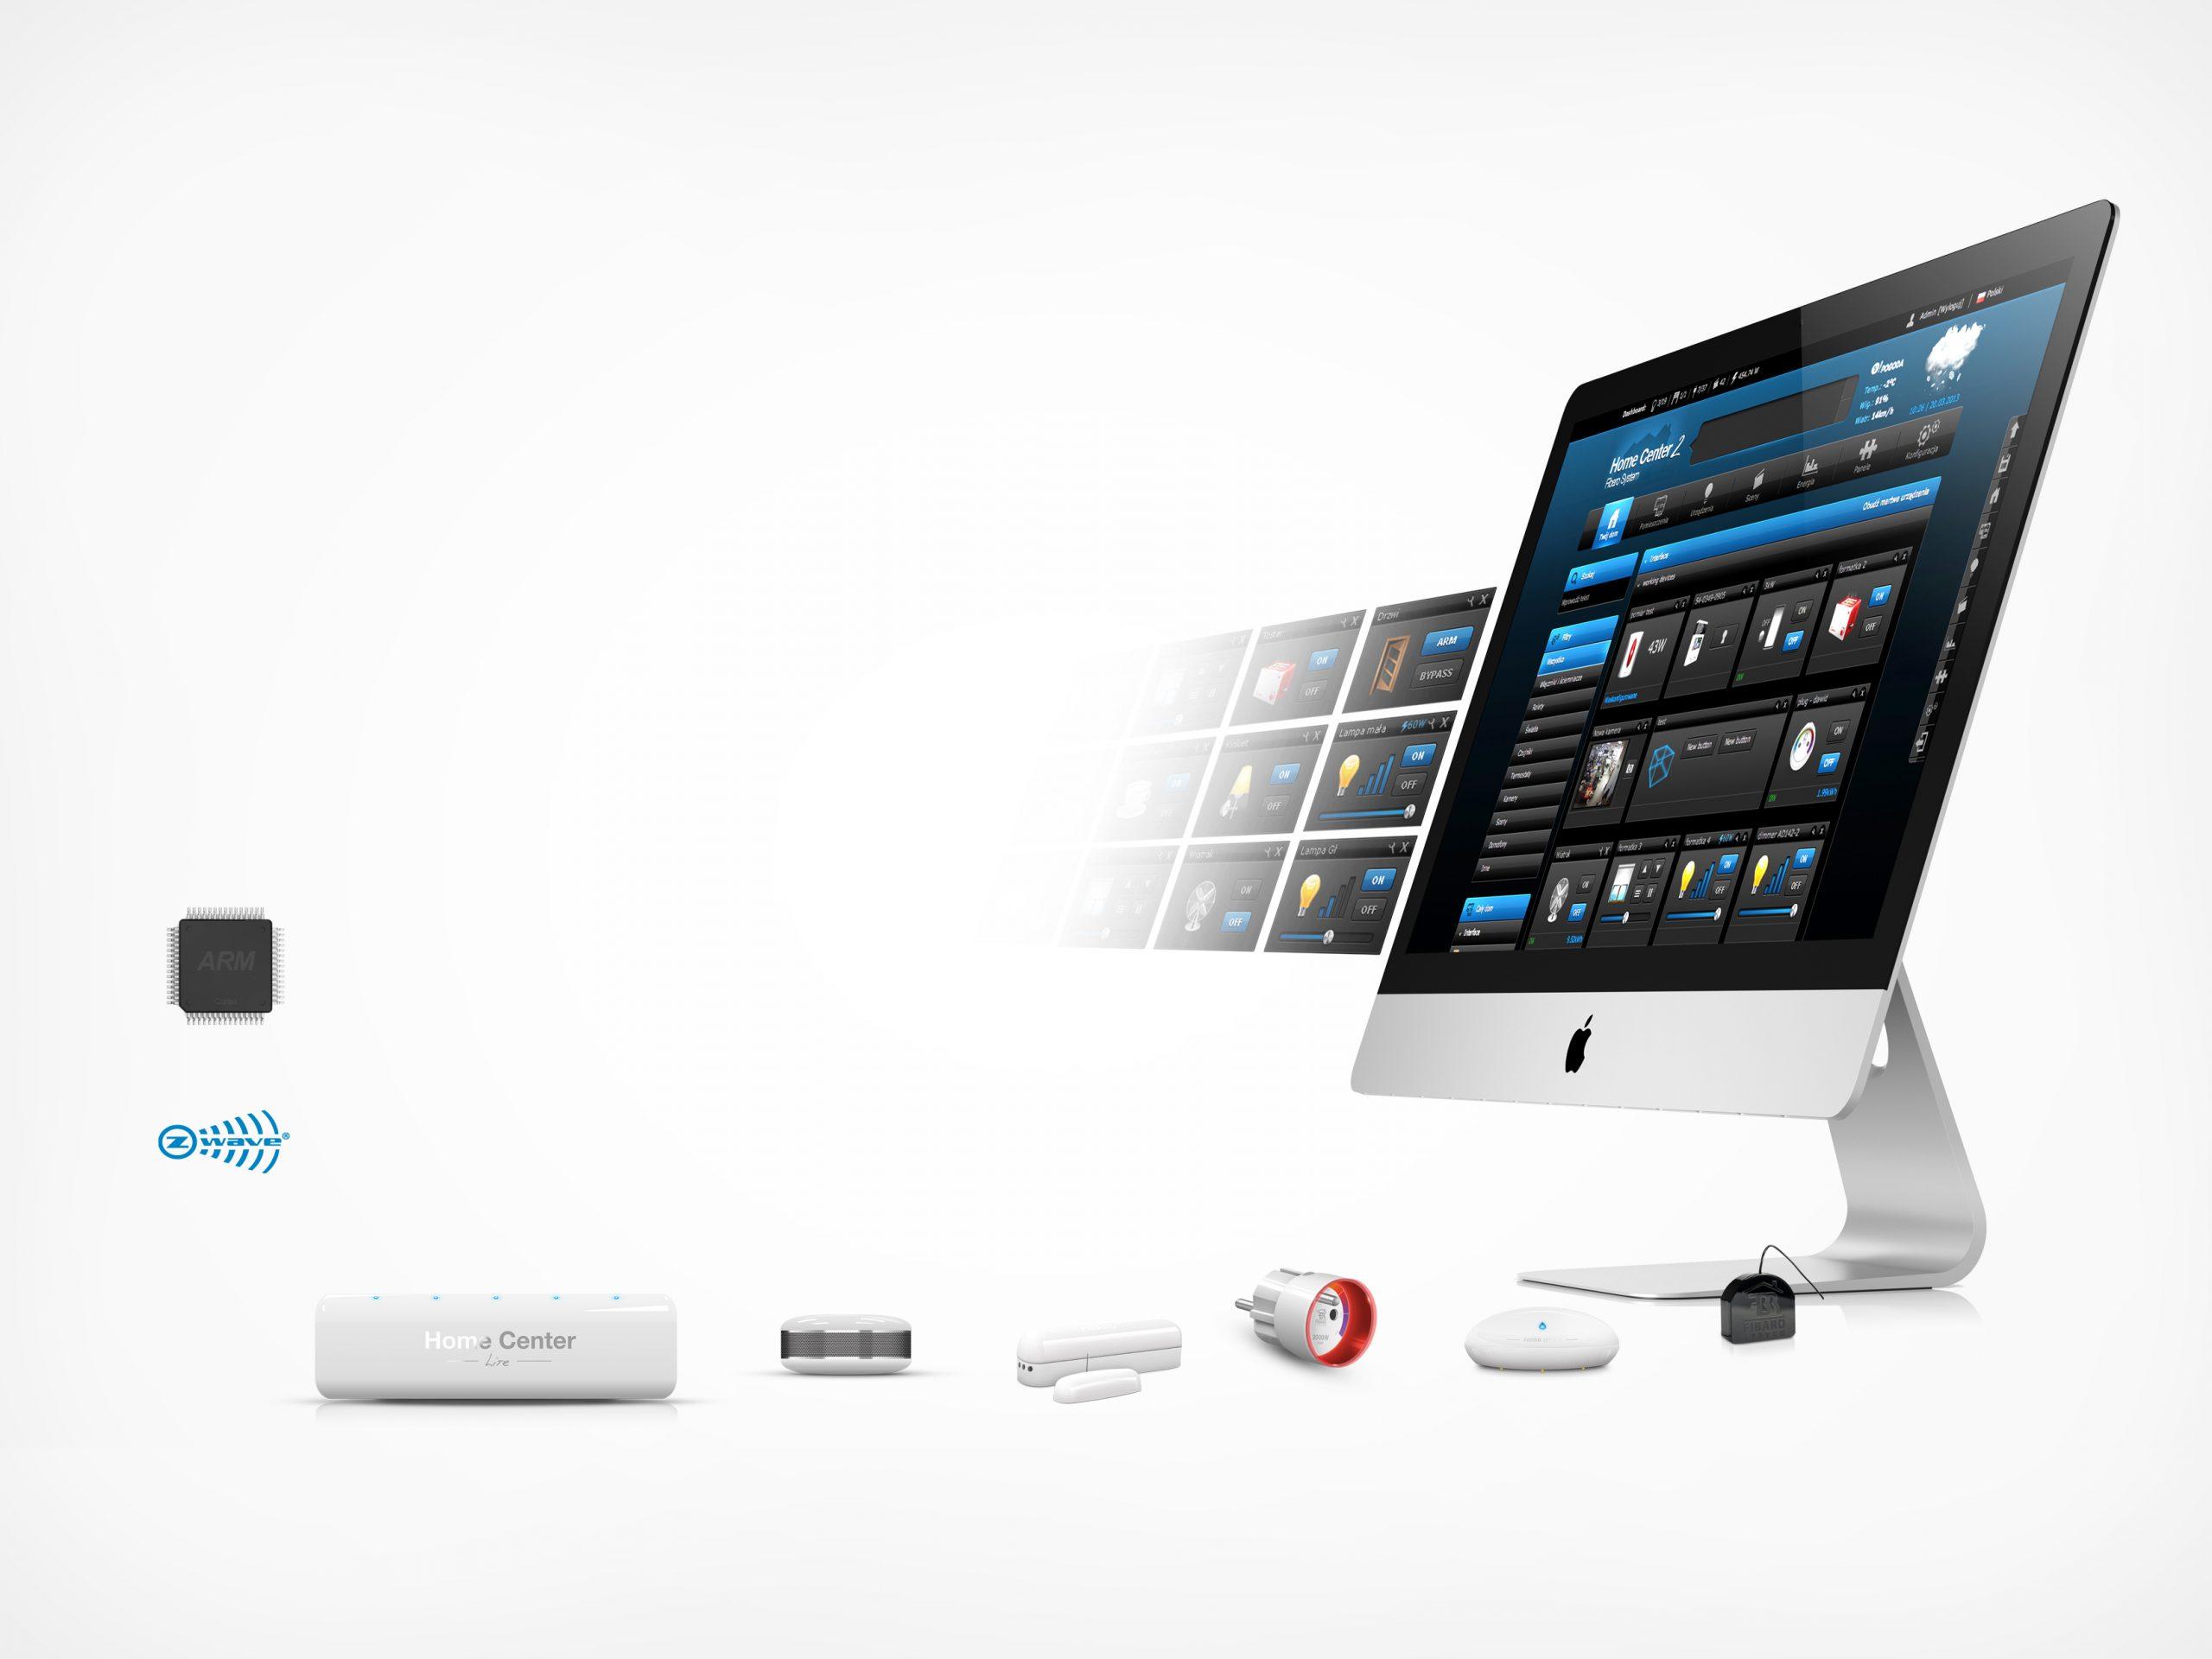 Bộ điều khiển trung tâm nhà thông minh smarthome điều khiển bằng giọng nói fibaro HCL